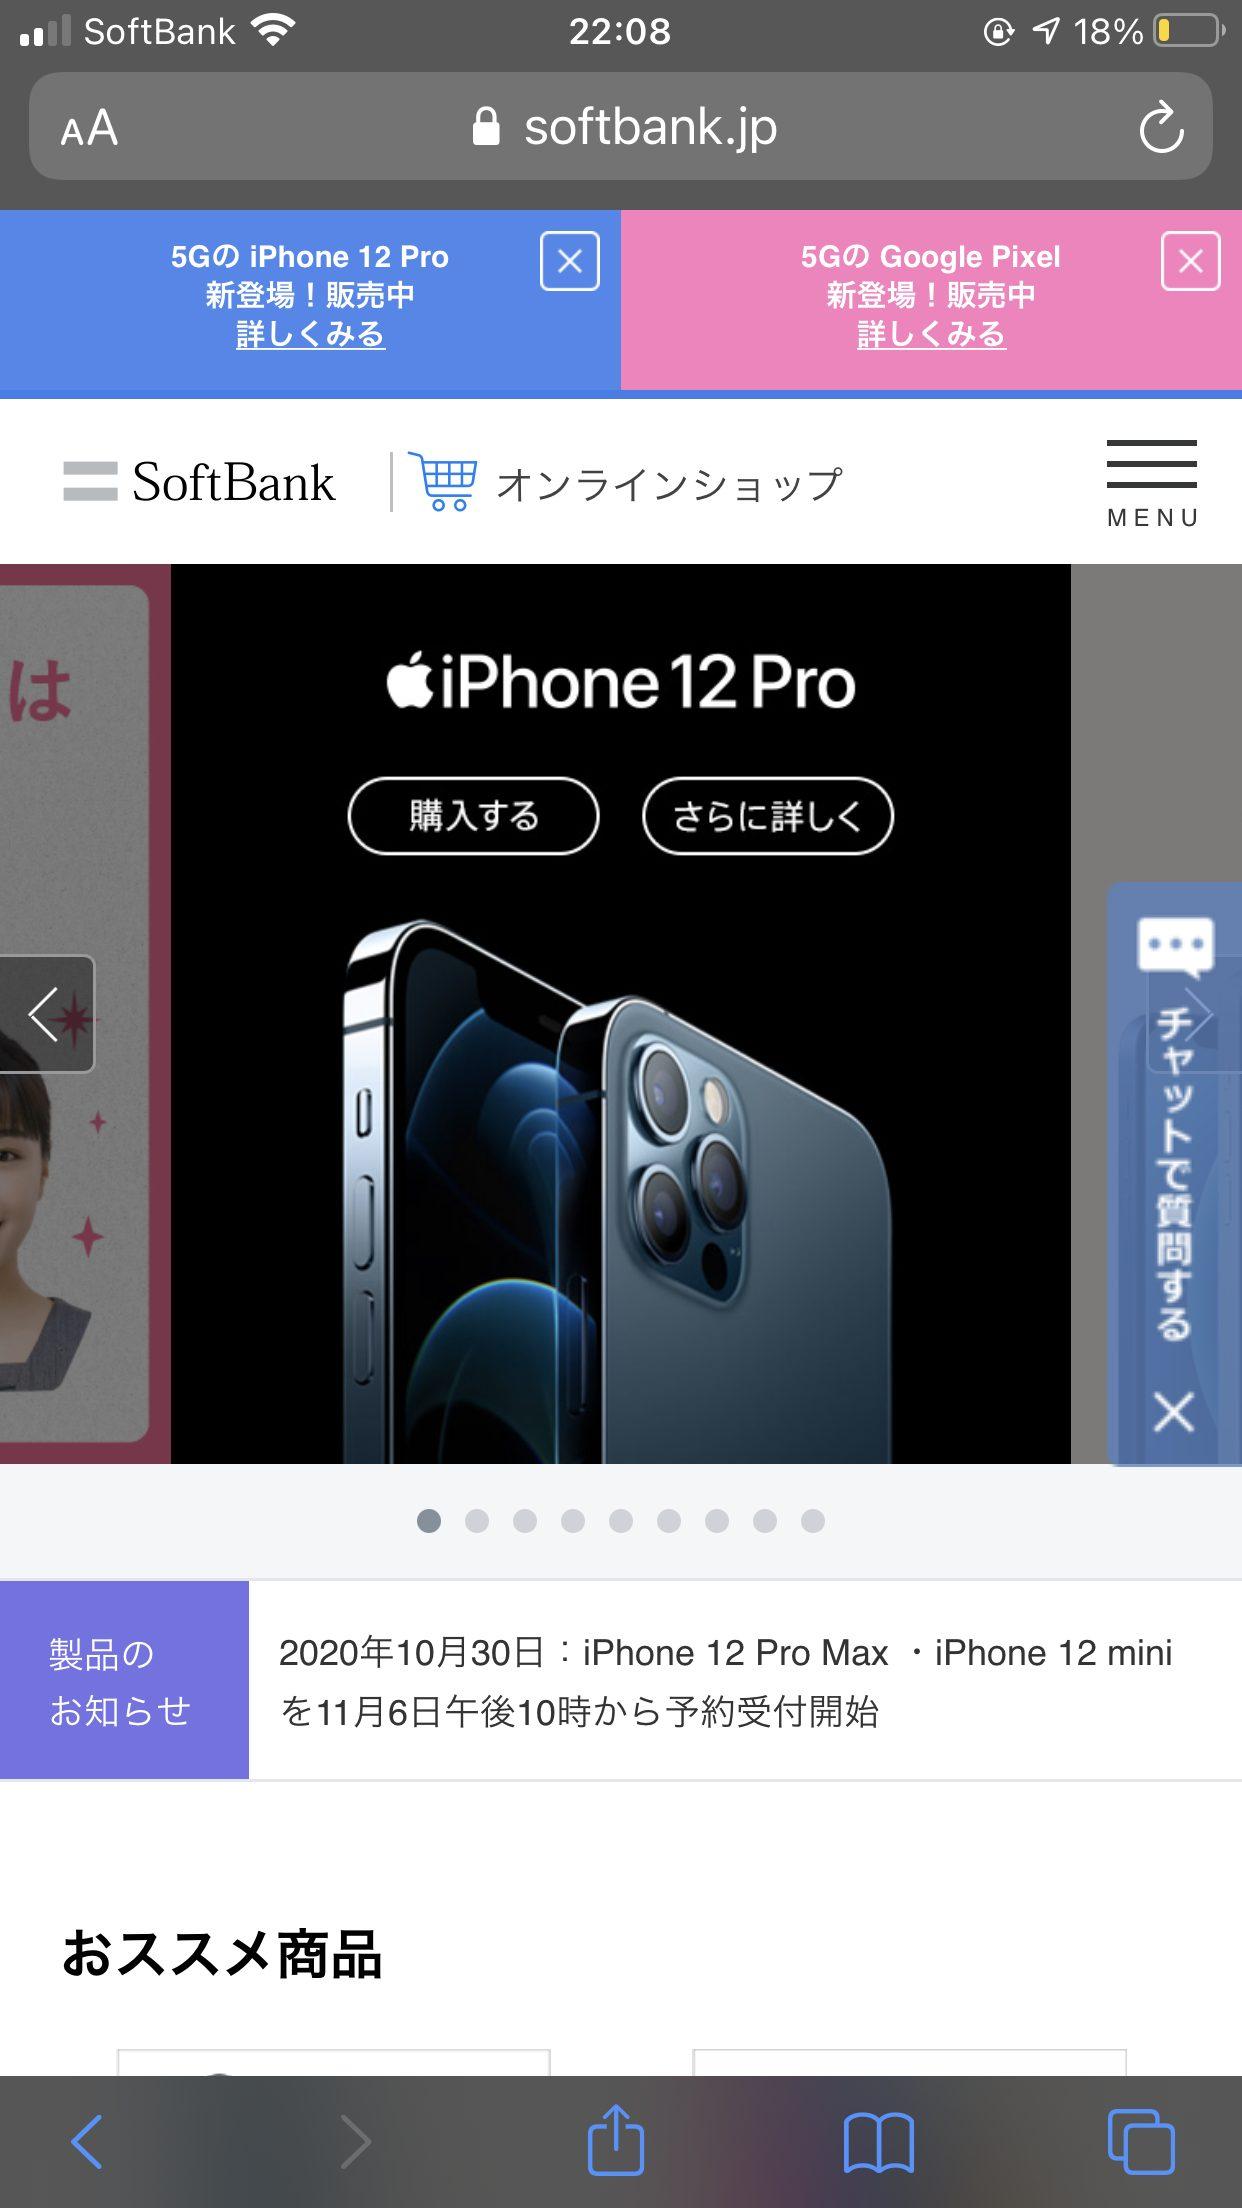 ソフトバンクオンラインショップでiPhone 12購入1